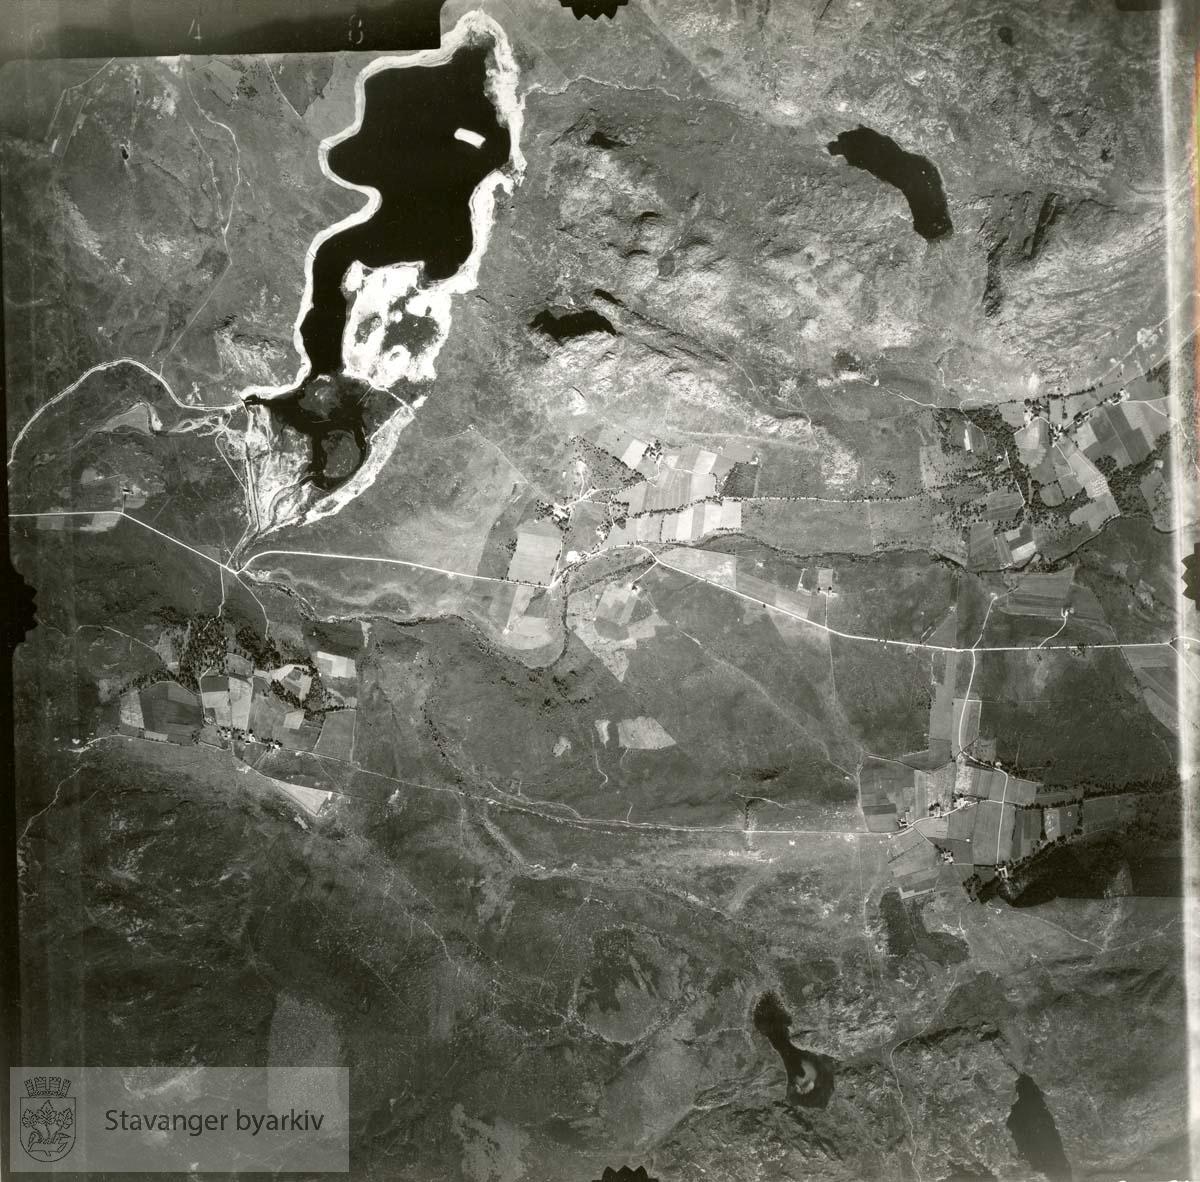 Jfr. kart/fotoplan I9/648..Søredalen, Skjelbreidtjørna, Ørnanuten..Se ByStW_Uca_002 (kan lastes ned under fanen for kart på Stavangerbilder)